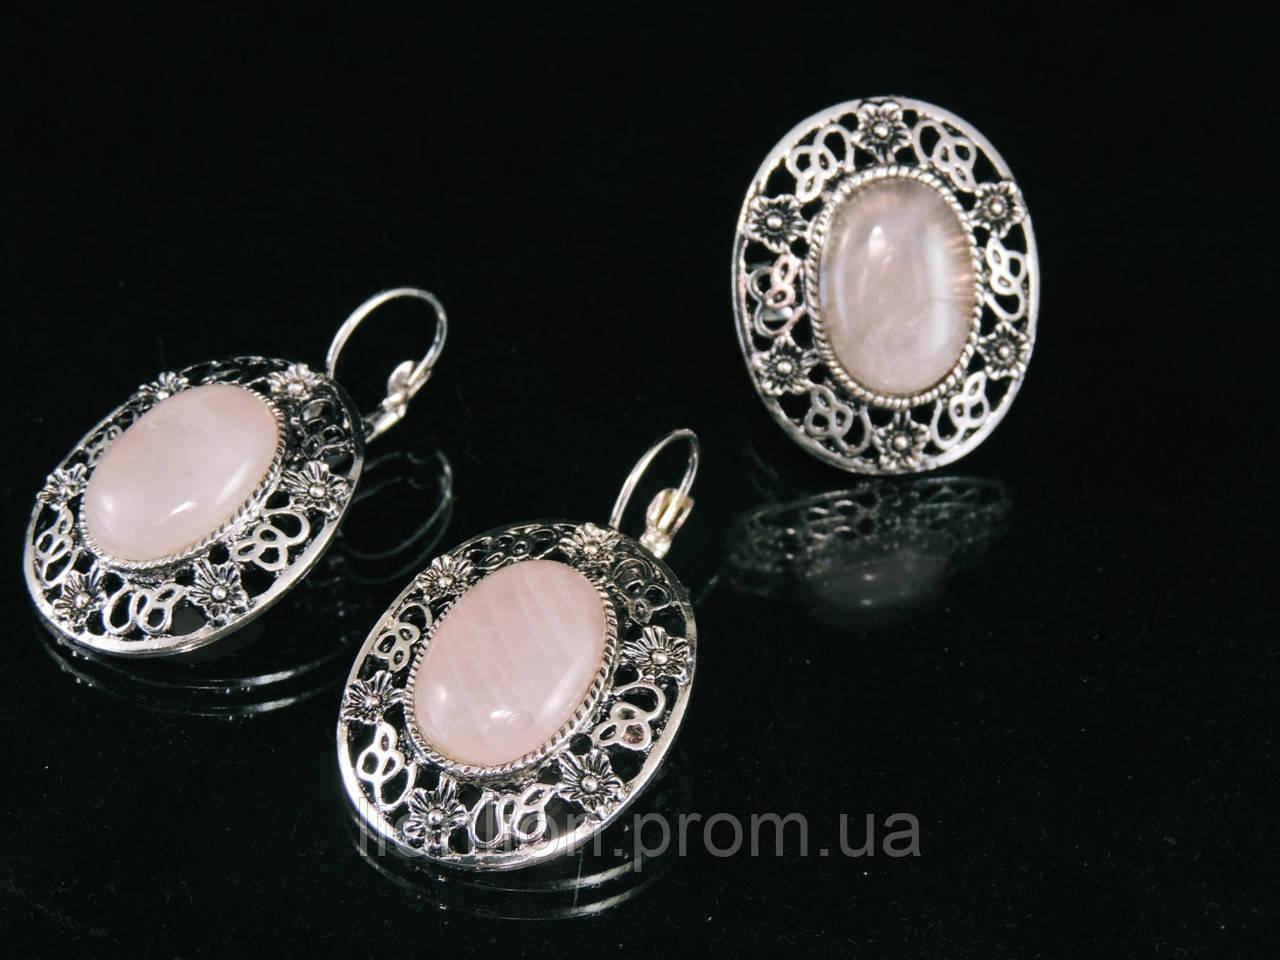 Набор из  розового кварца в металле, кольцо и серьги